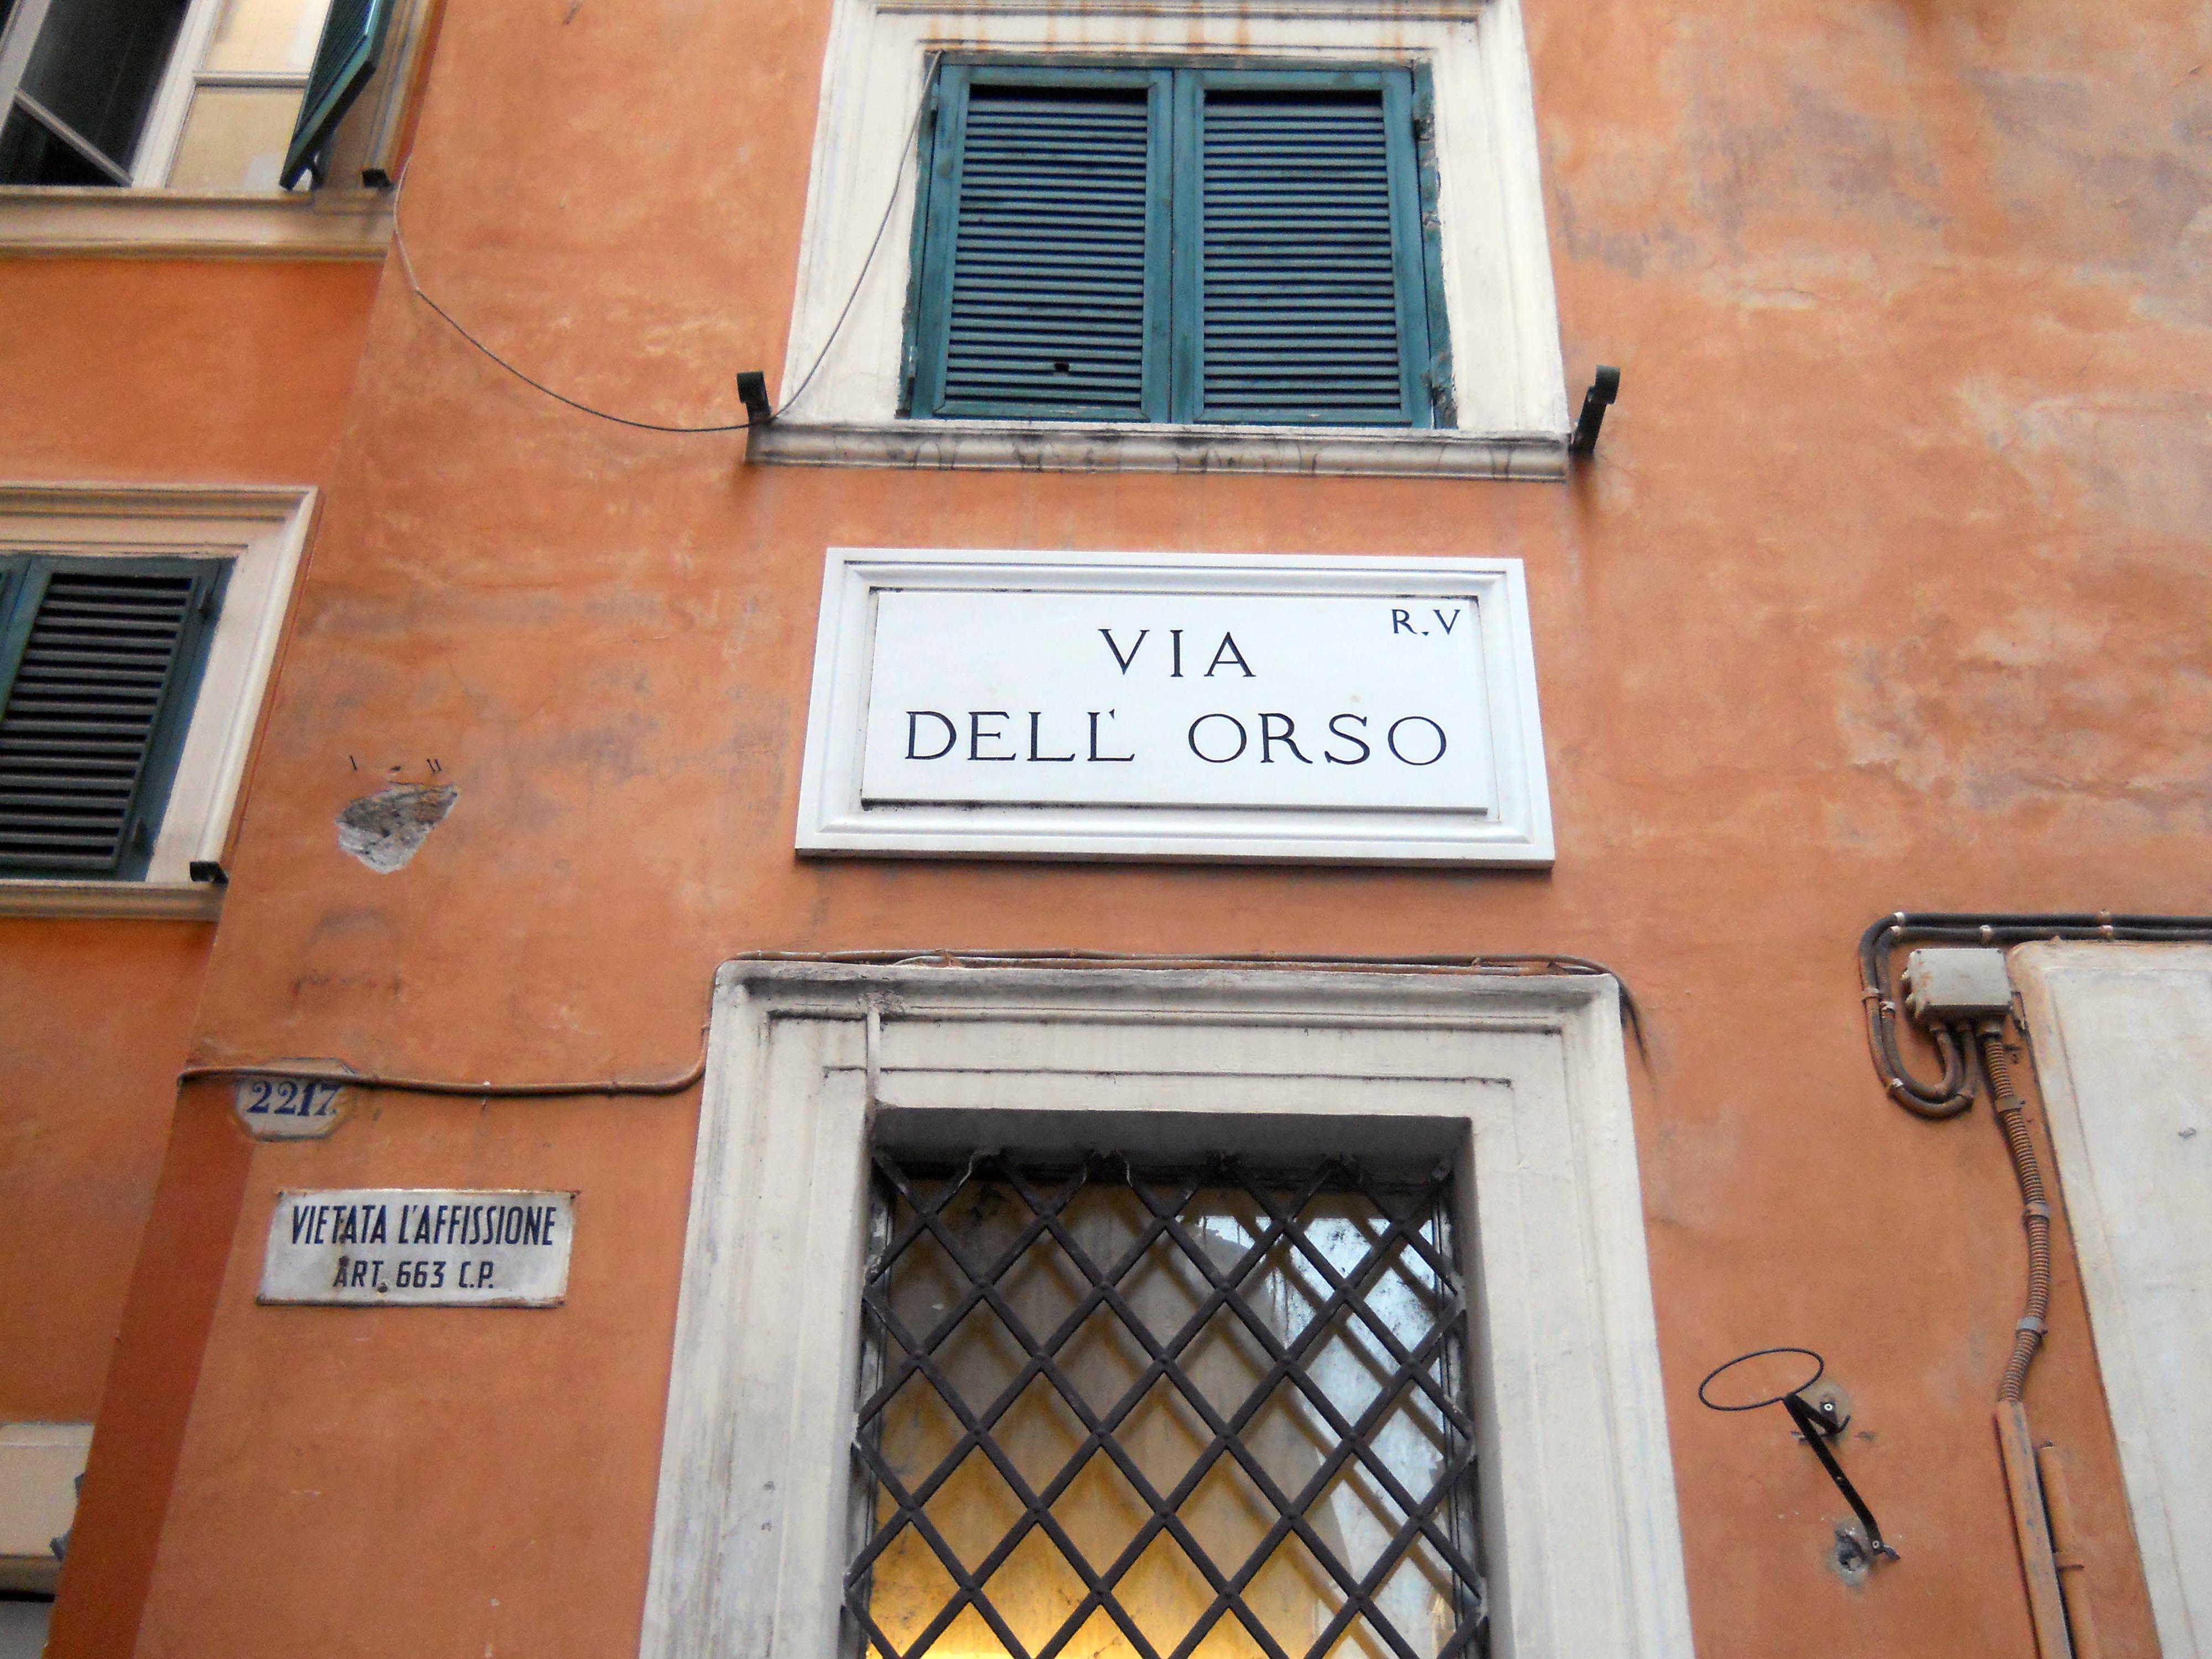 Via Dell Orso